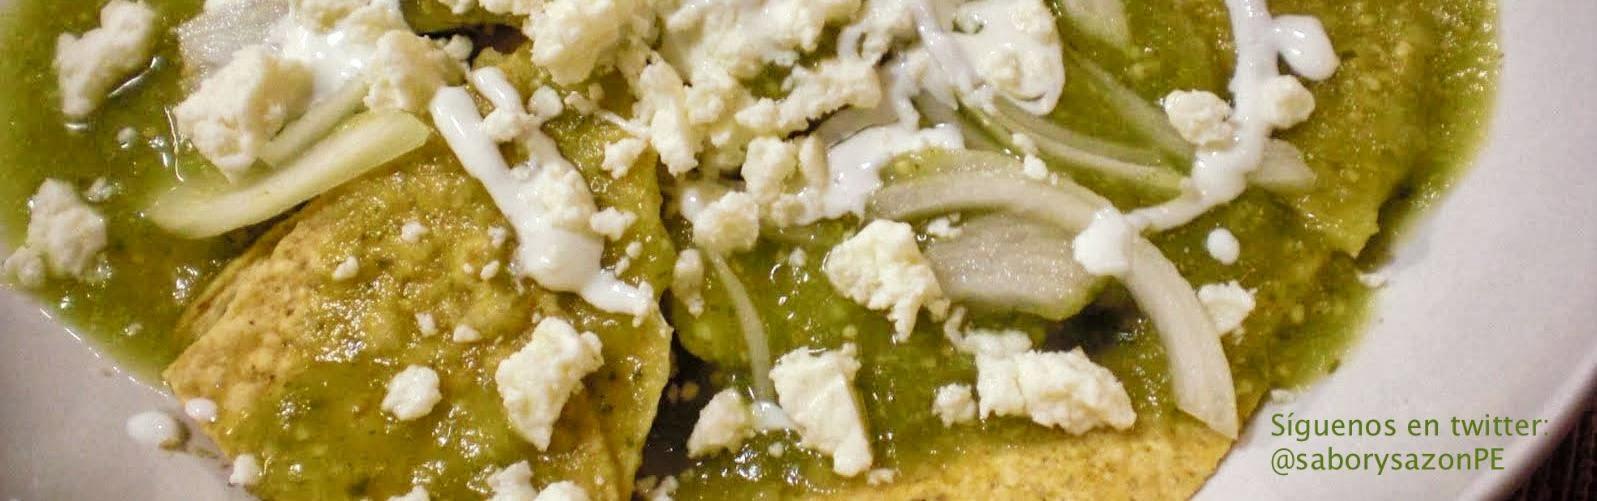 Como preparo chilaqules mexicanos receta de chilaquiles for Comidas mexicanas rapidas y economicas